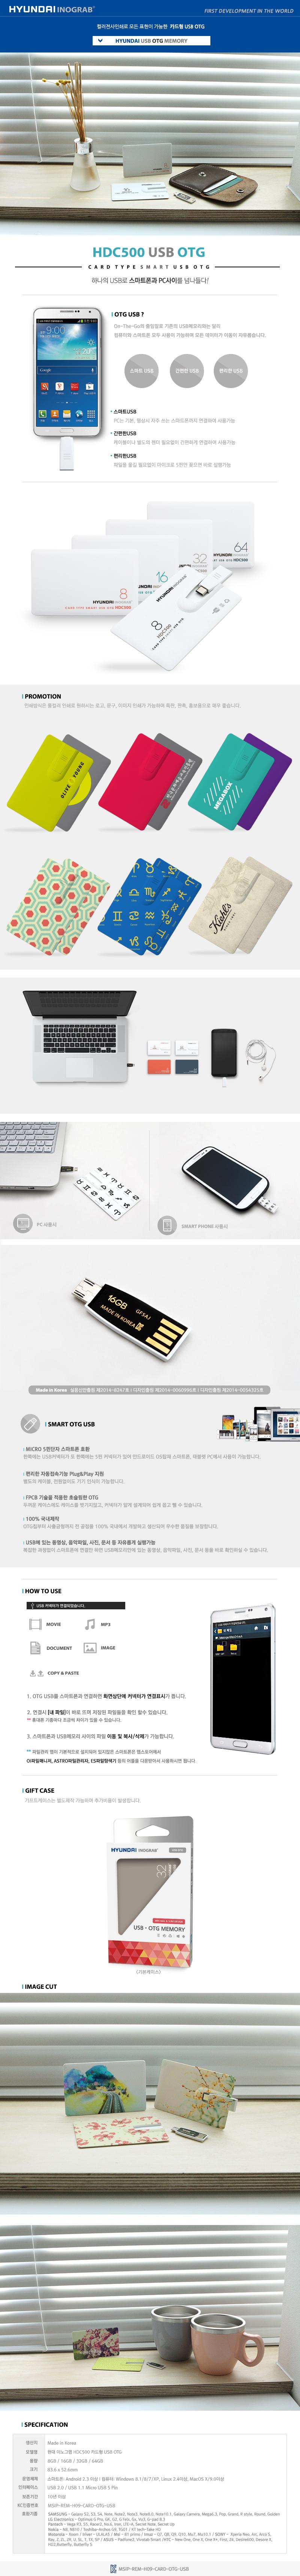 현대 이노그랩 HDC500 USB OTG 16GB17,300원-지아이팩토리디지털, USB/저장장치, USB 카드형, USB 32G바보사랑현대 이노그랩 HDC500 USB OTG 16GB17,300원-지아이팩토리디지털, USB/저장장치, USB 카드형, USB 32G바보사랑